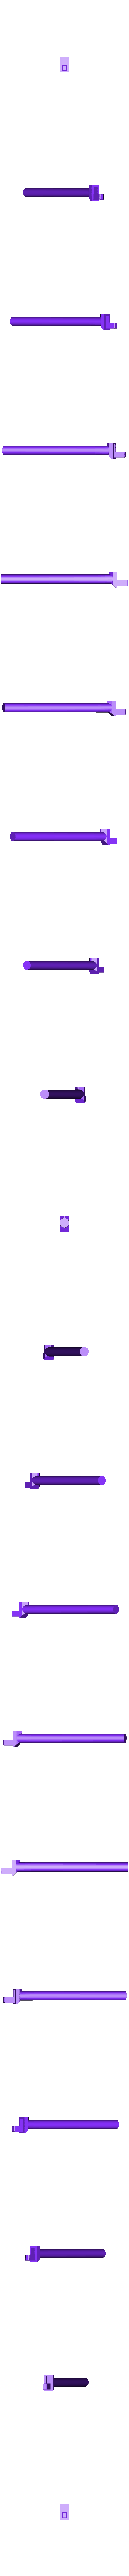 ABD_slide_TOOL_complete.stl Télécharger fichier STL gratuit OUTIL ABD • Design pour impression 3D, UntangleART